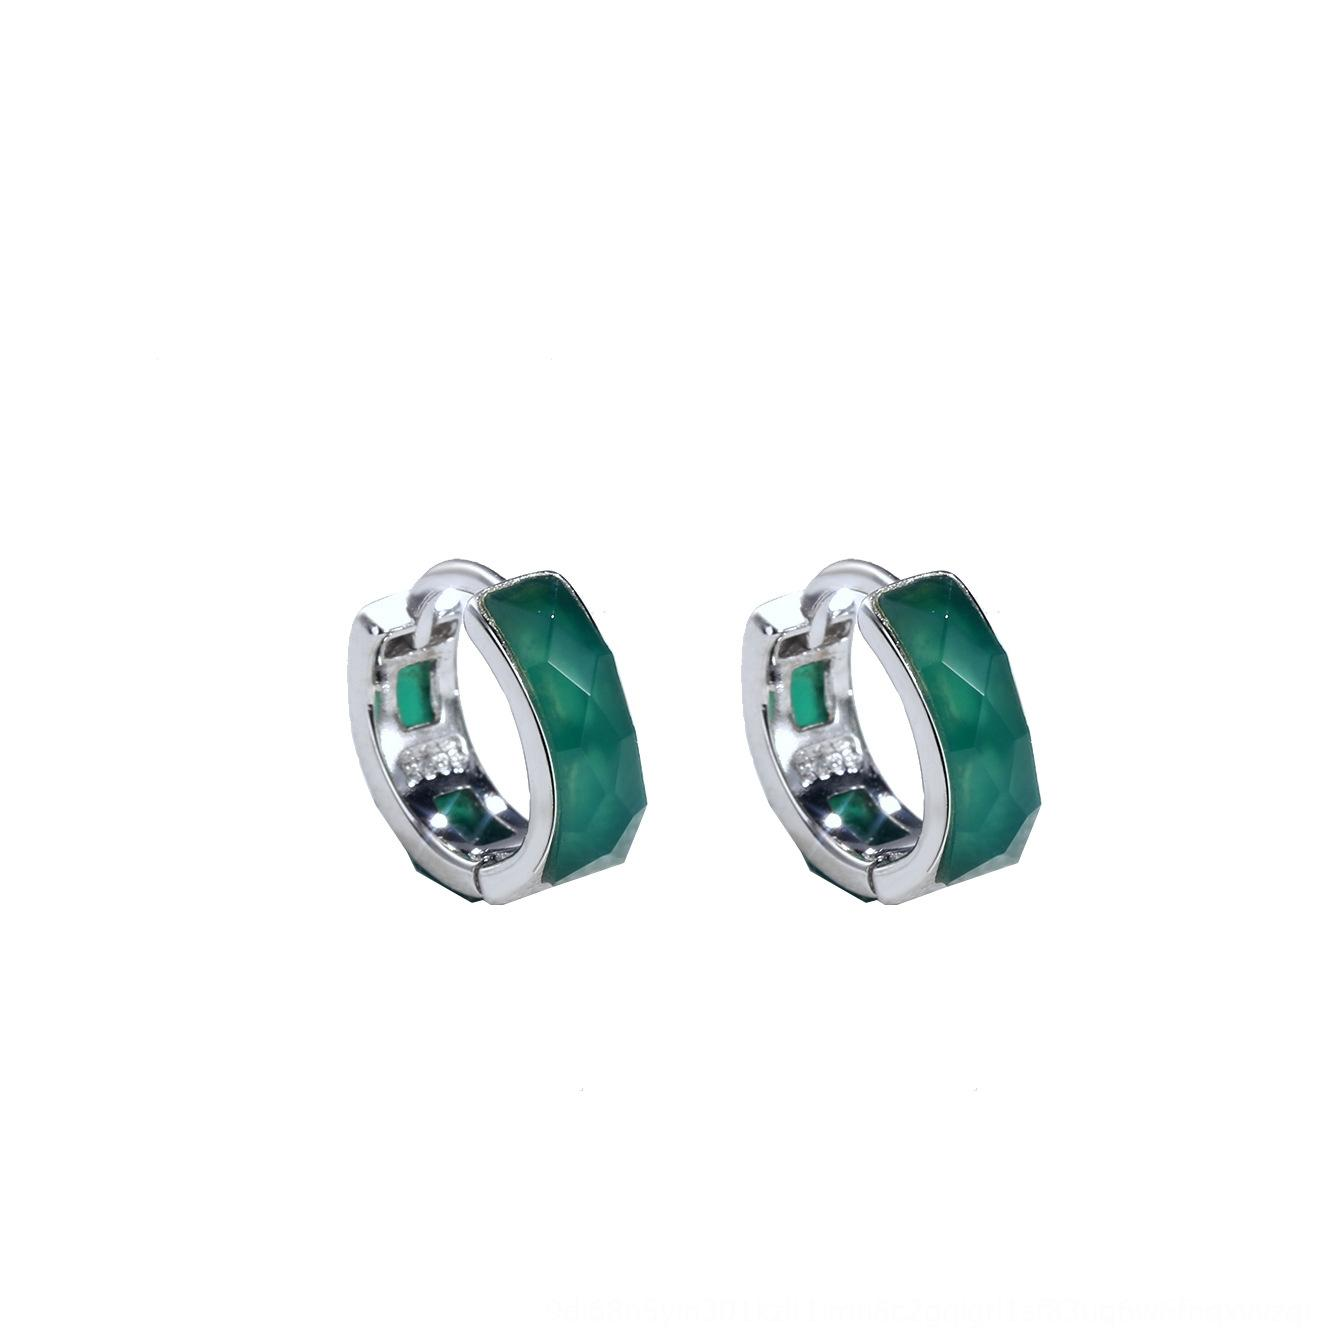 ZixVg S925 argento agata e orecchini maschili sintetico intarsio coreano orecchini stile alla moda neri delle donne agata verde personalizzato